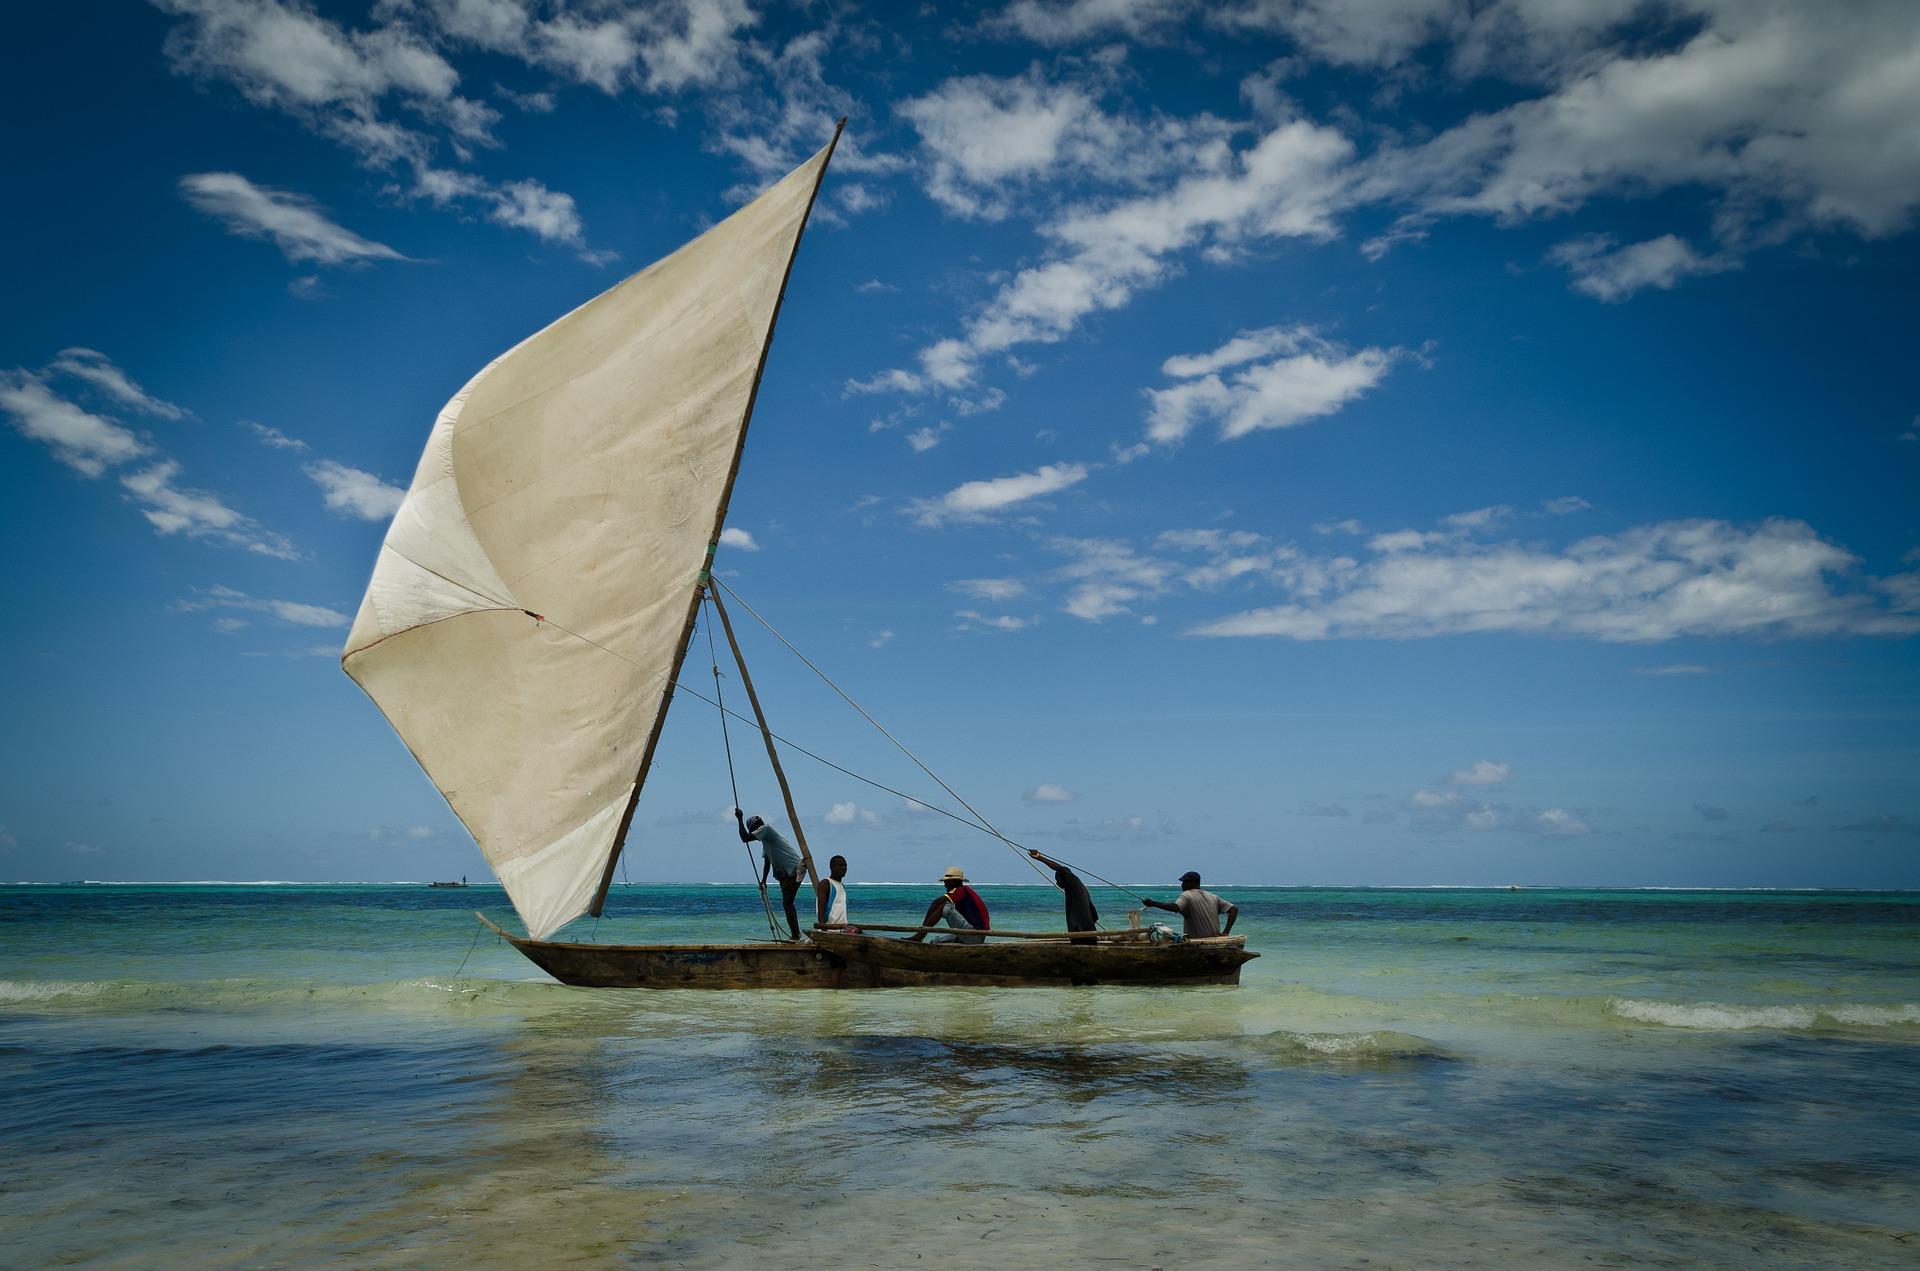 Zanzibar, bateau, bougie, Mer, Sky, se détendre, Navigation, Bleu - Fonds d'écran HD - Professor-falken.com